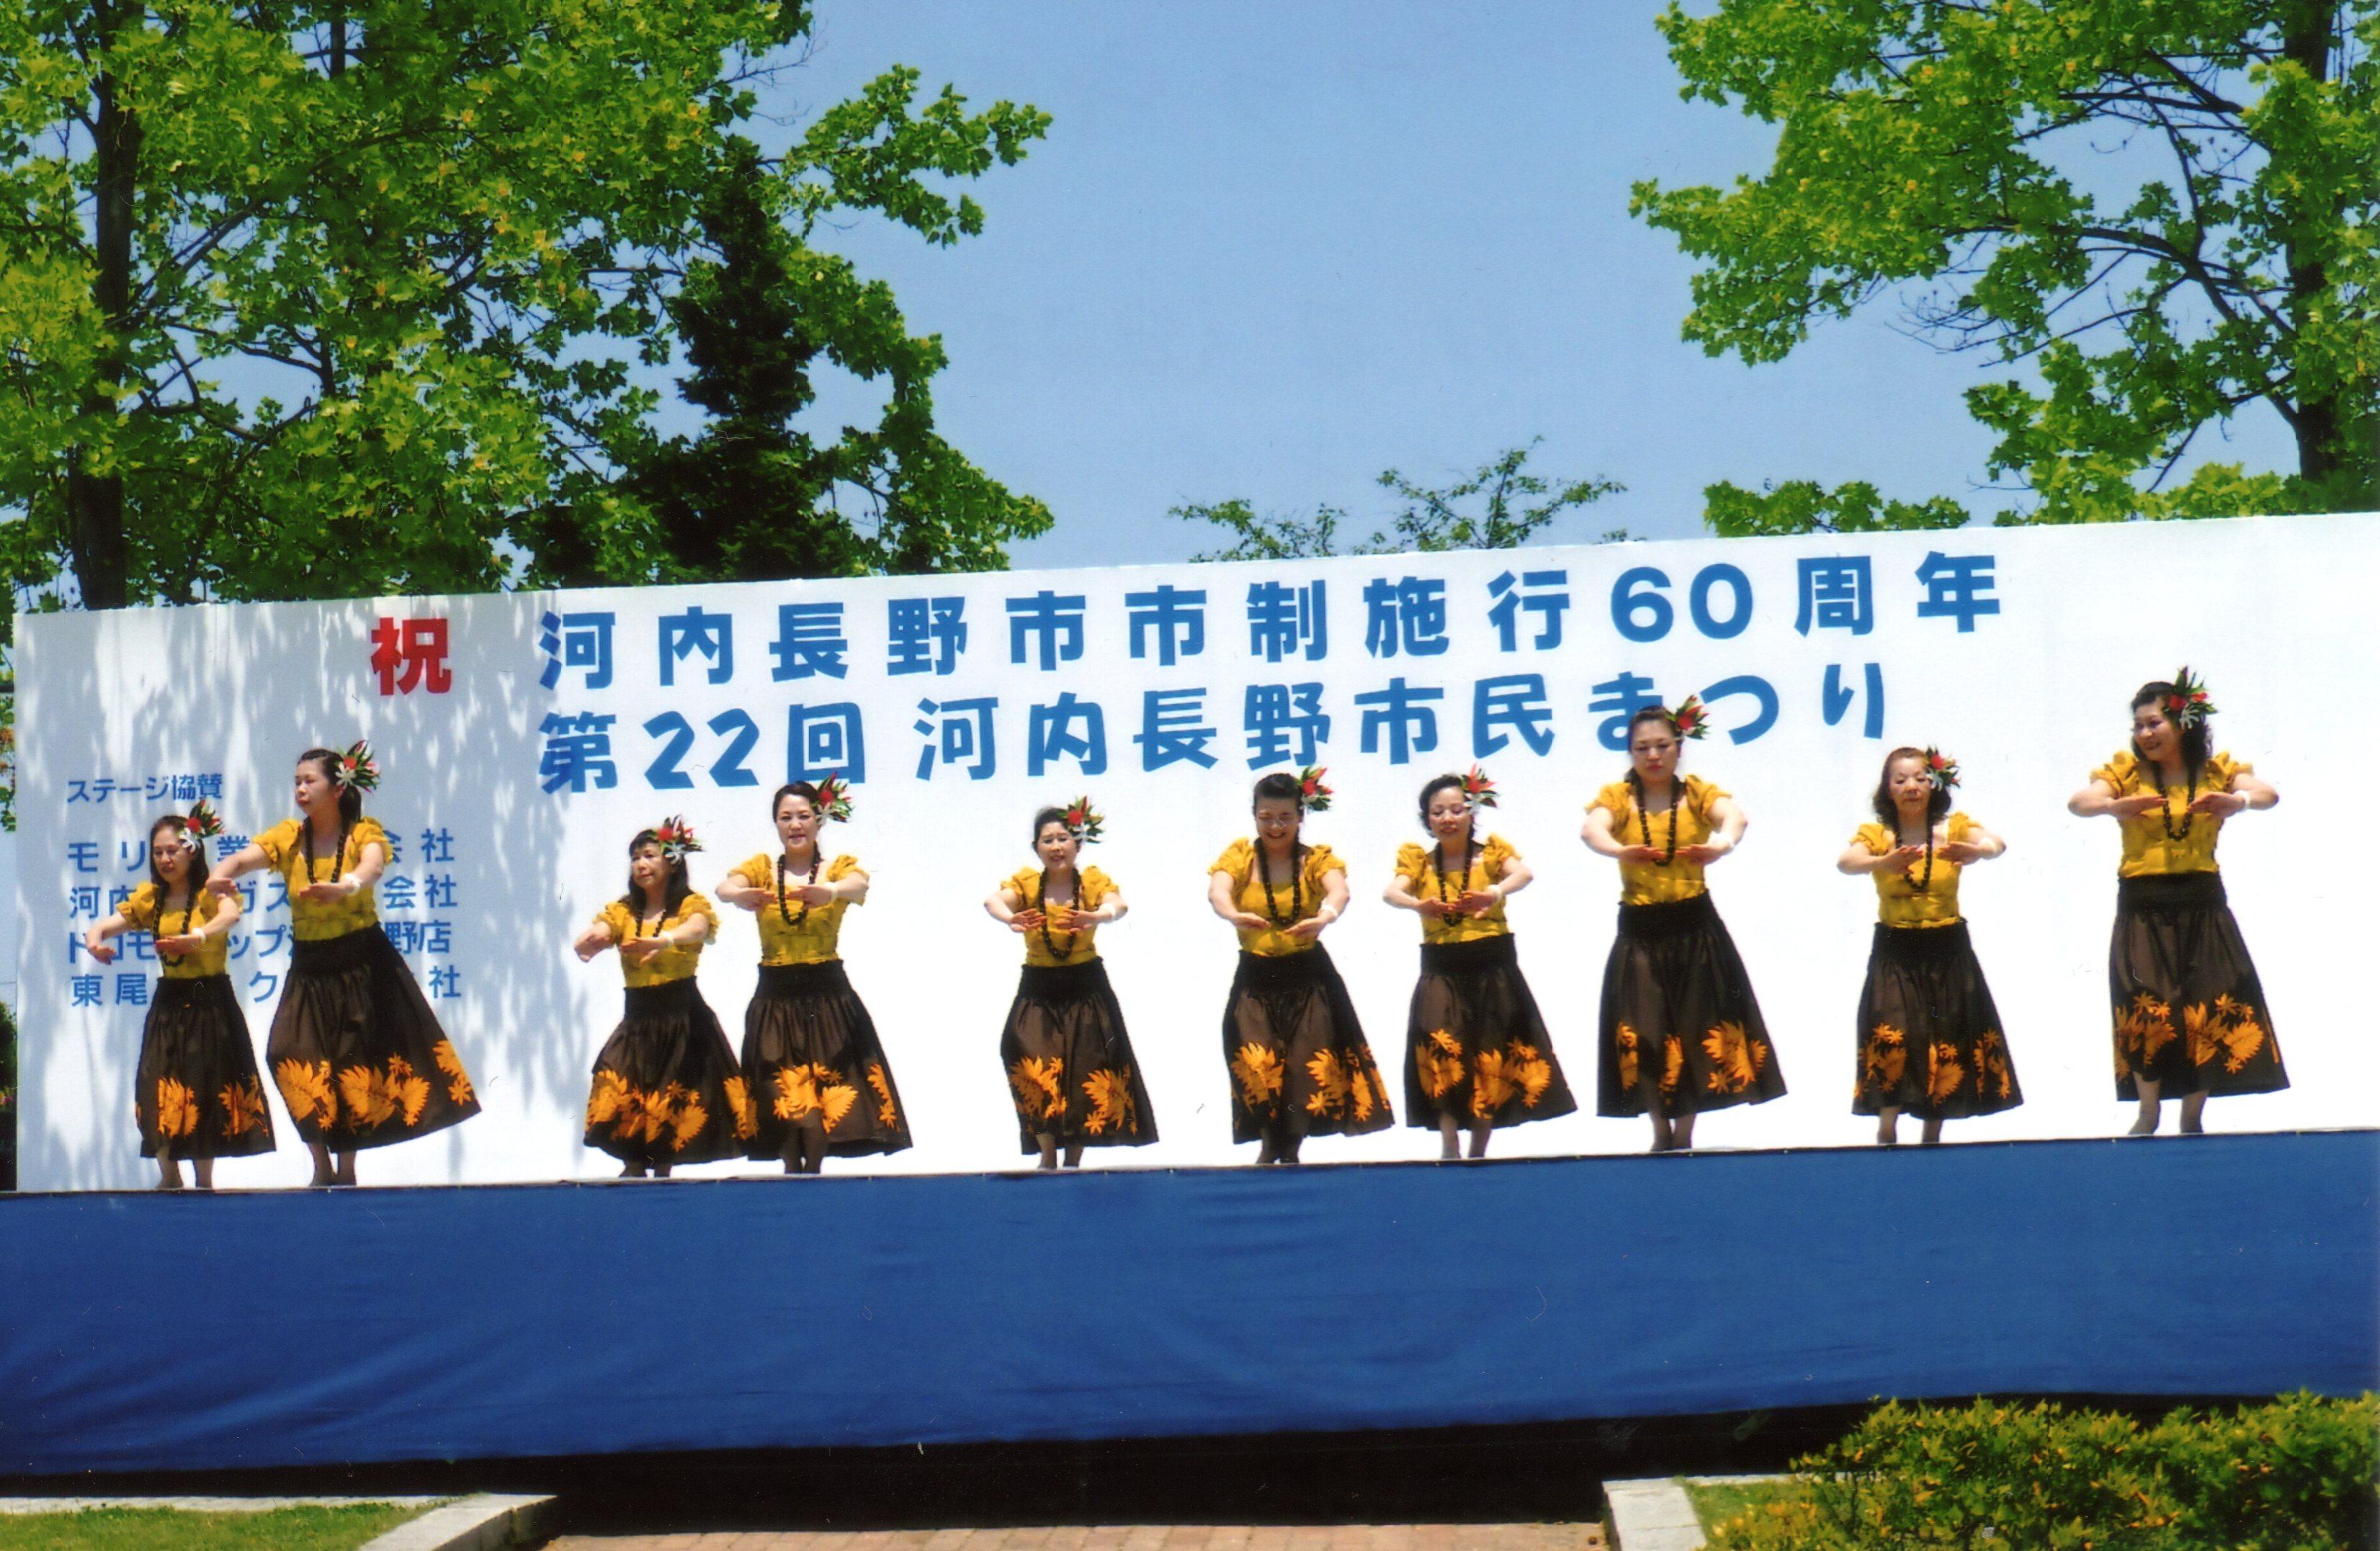 2013年5月11日(日)第22回河内長野市民まつり